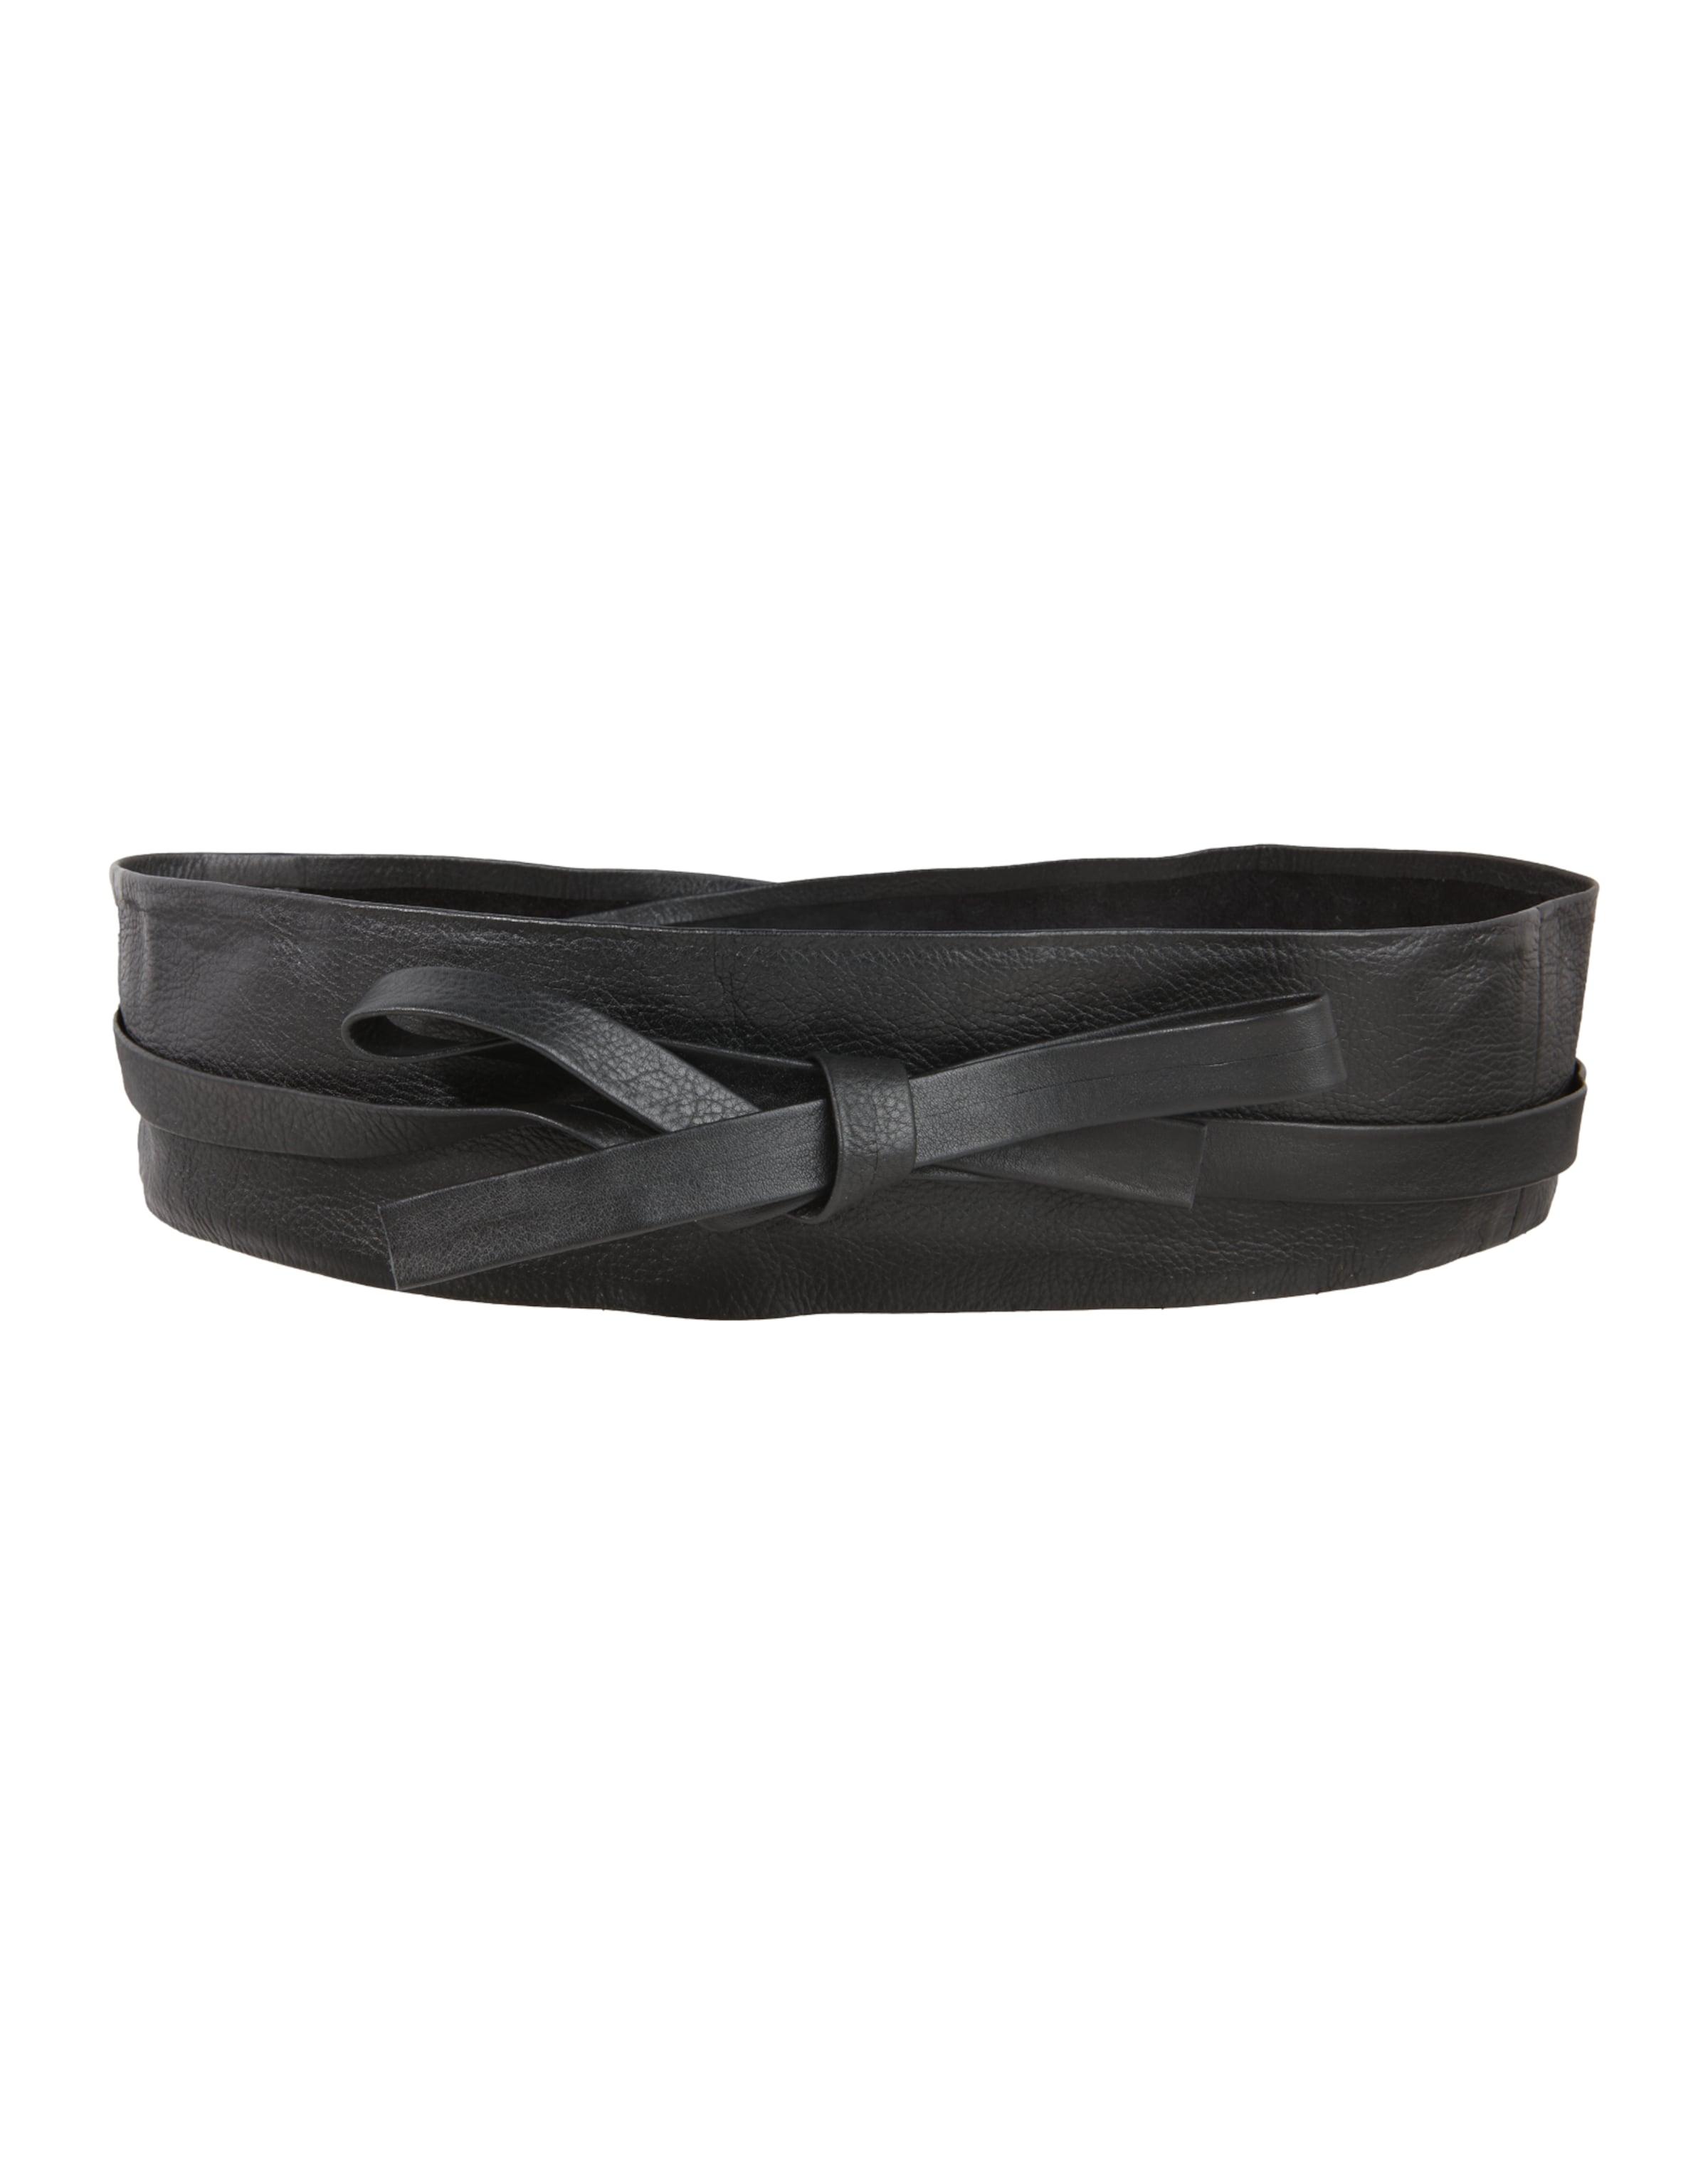 Verkauf Nicekicks Neue Stile VANZETTI Taillengürtel aus Leder Rabatt Besuch Rabatt Verkauf tyLga